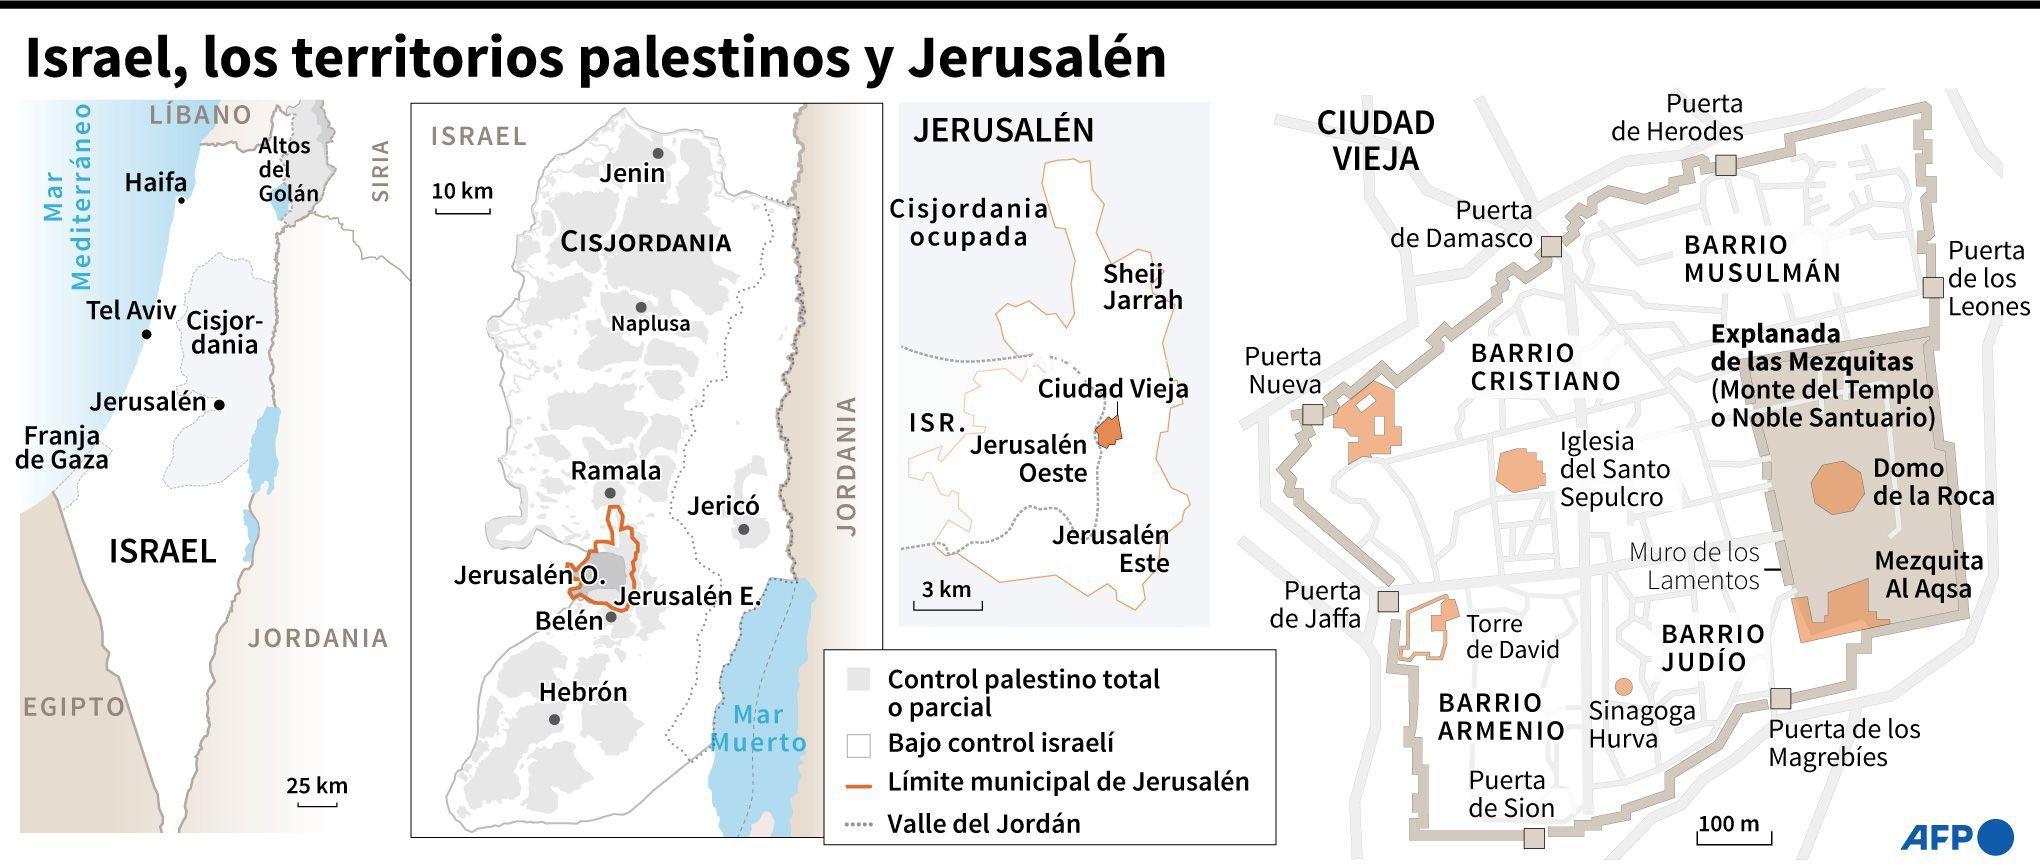 Israel, los territorios palestinos y Jerusalén. (AFP).